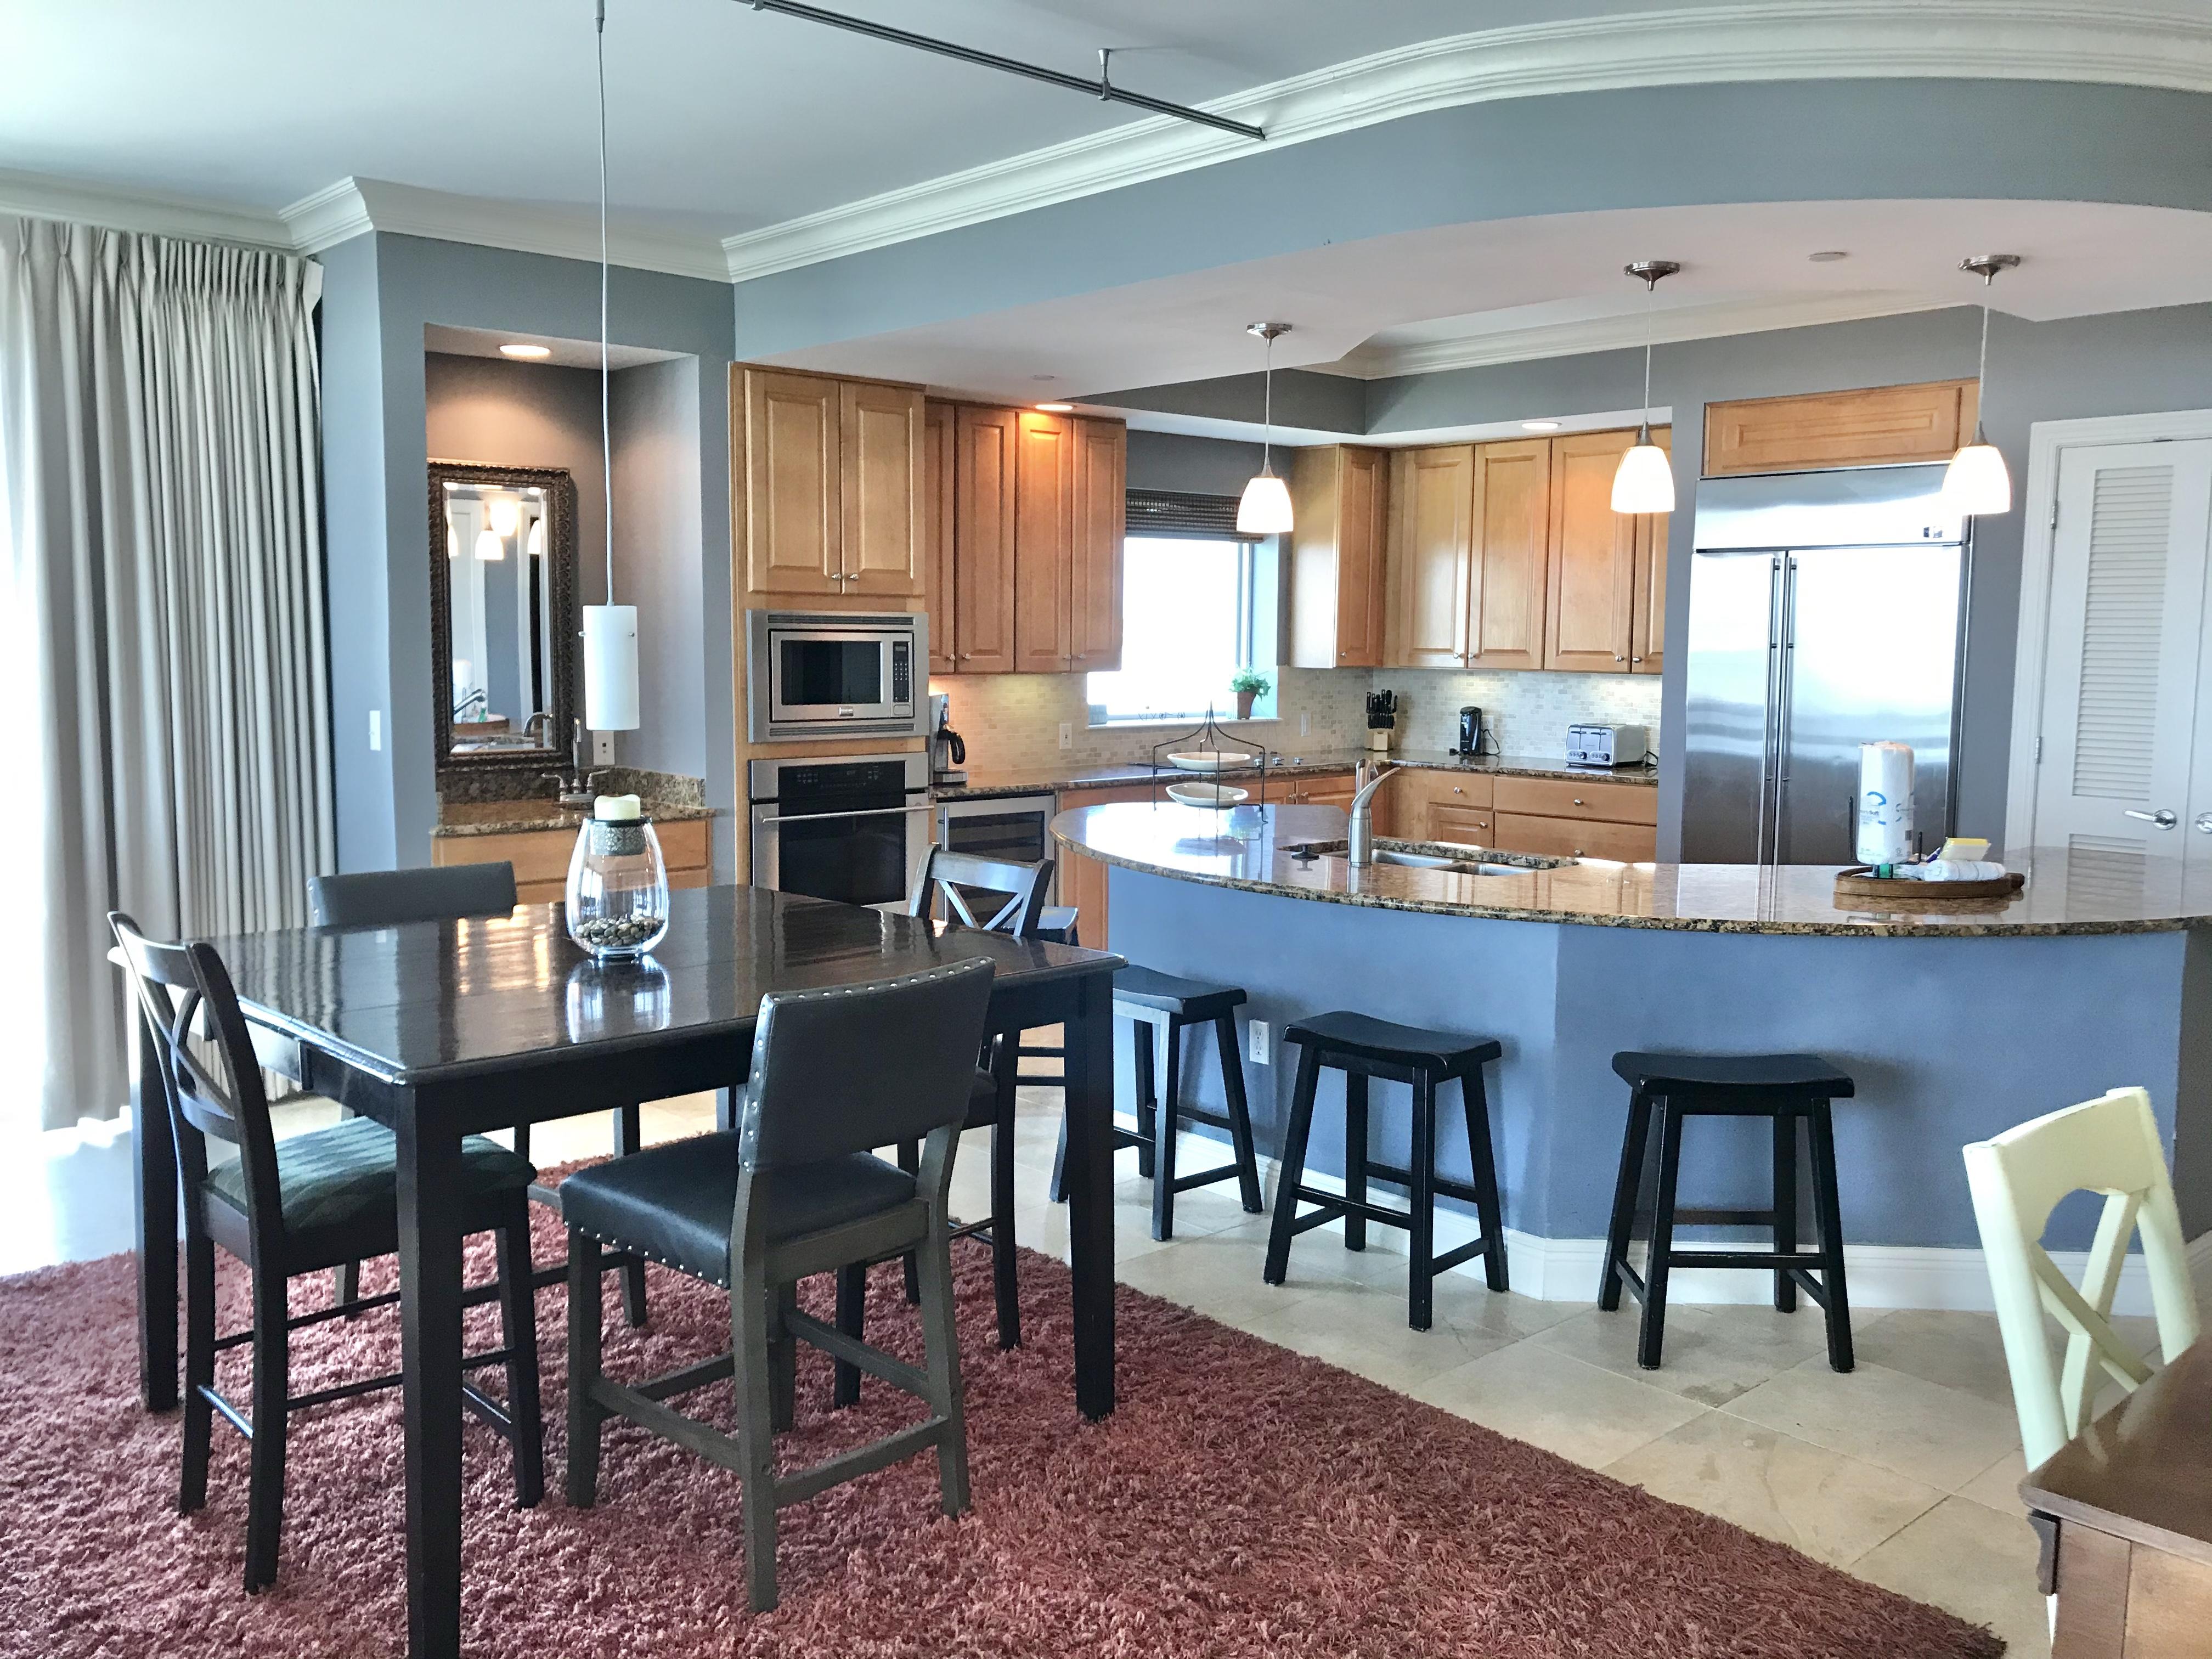 Mustique 401 Condo rental in Mustique in Gulf Shores Alabama - #12